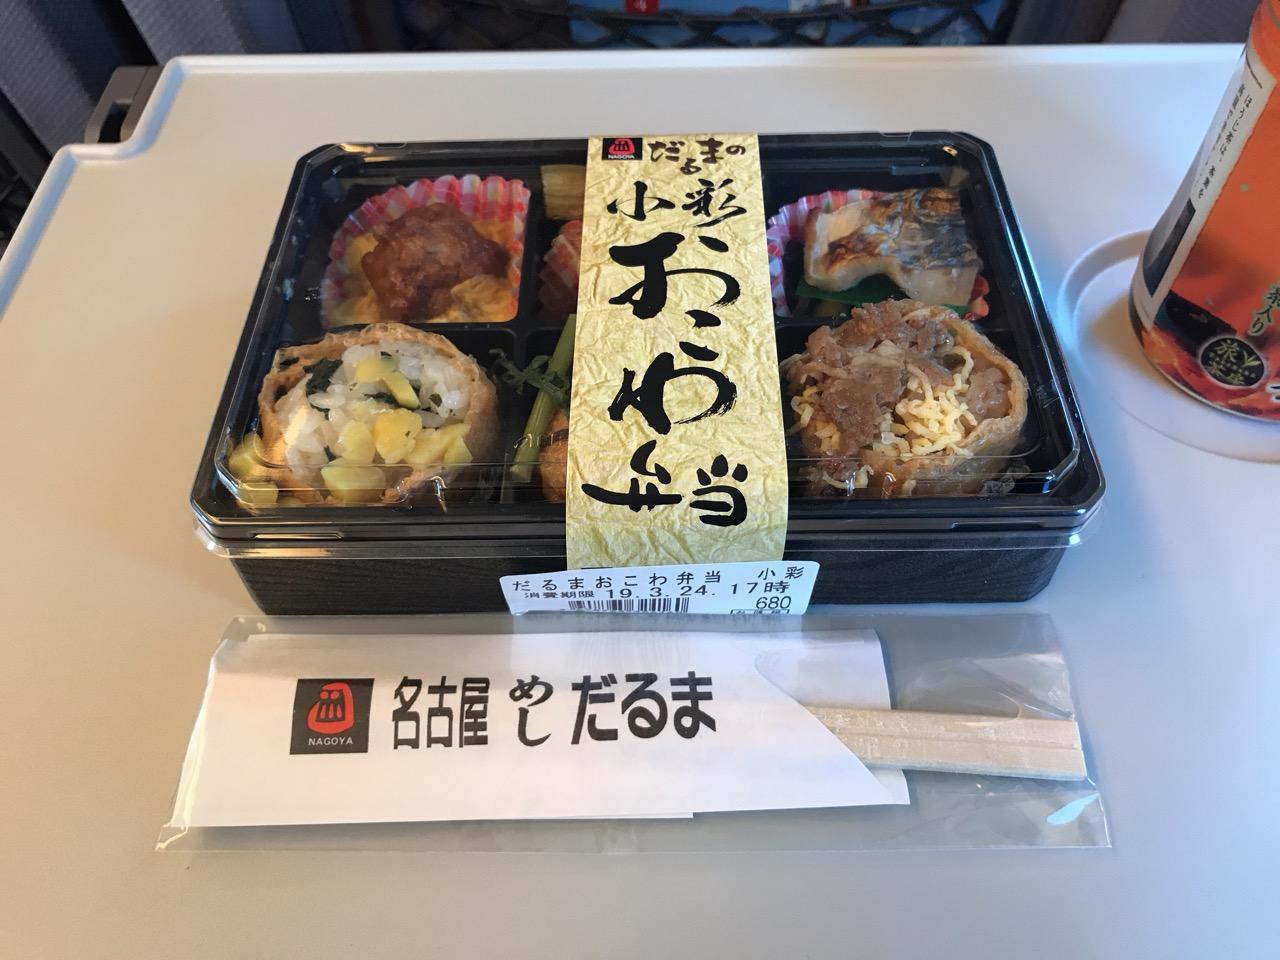 「だるまおこわ弁当」を遅めの朝食にチョイス@名古屋駅